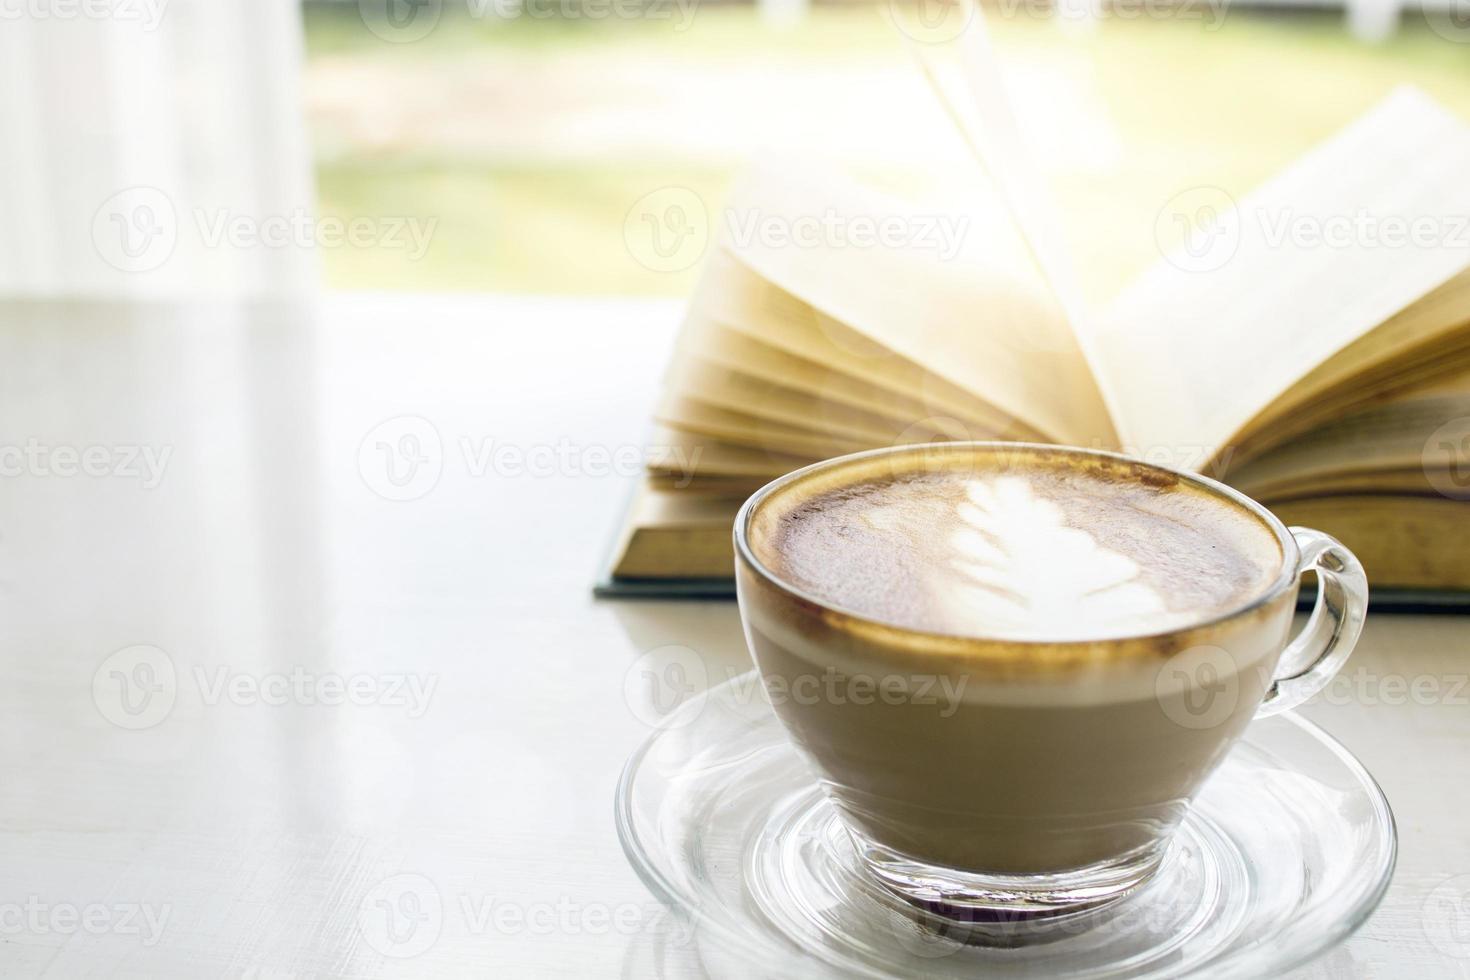 café com leite com cena ensolarada e livro foto